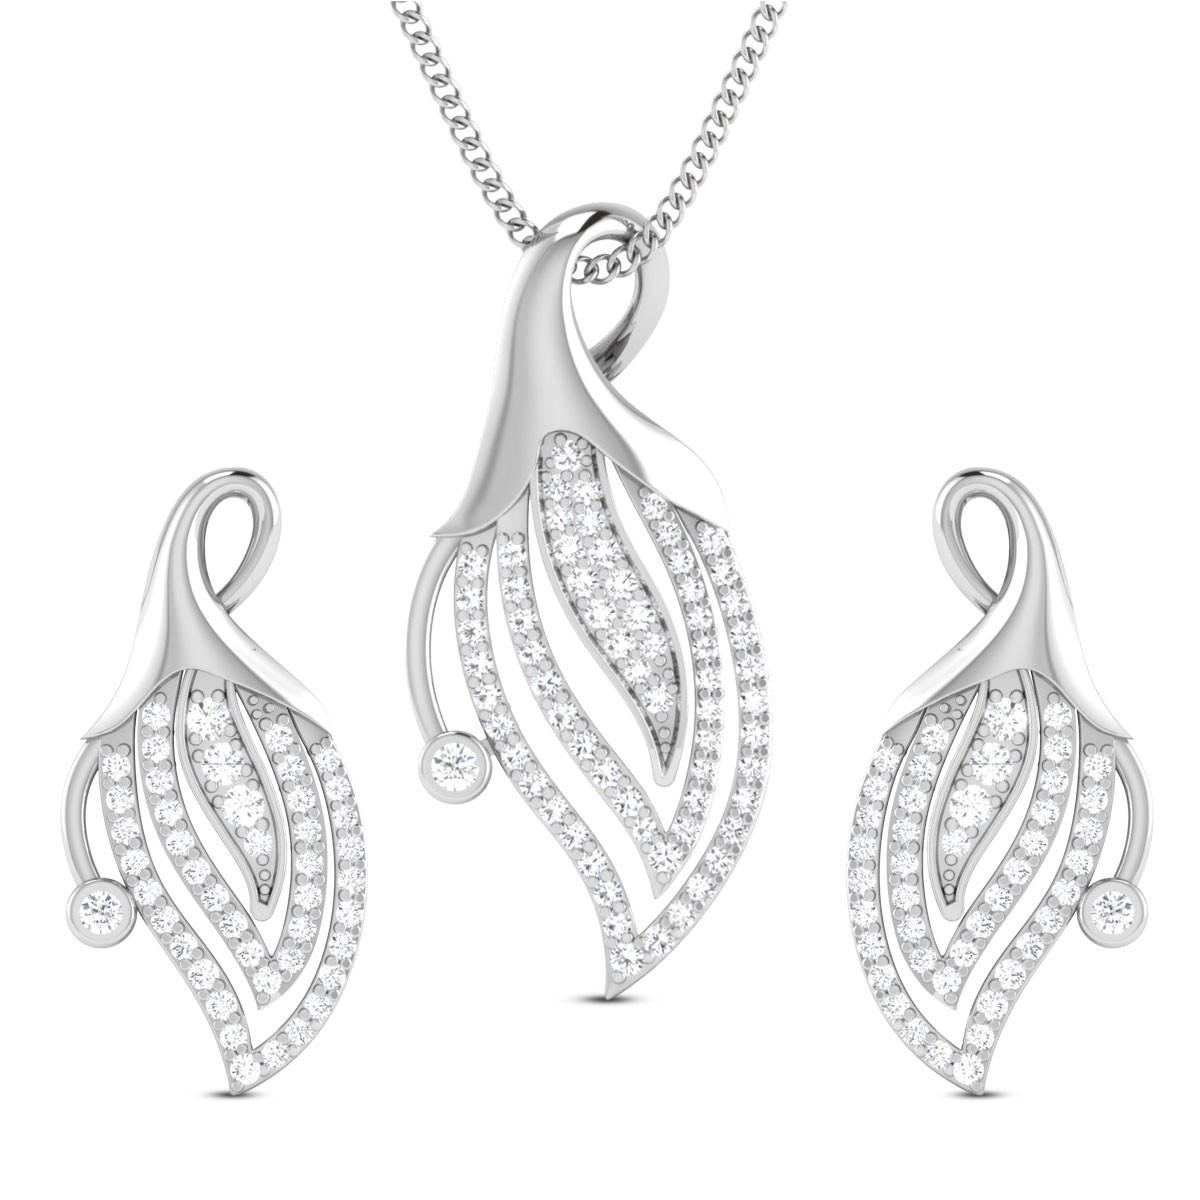 Floral Bud Diamond Pendant Set